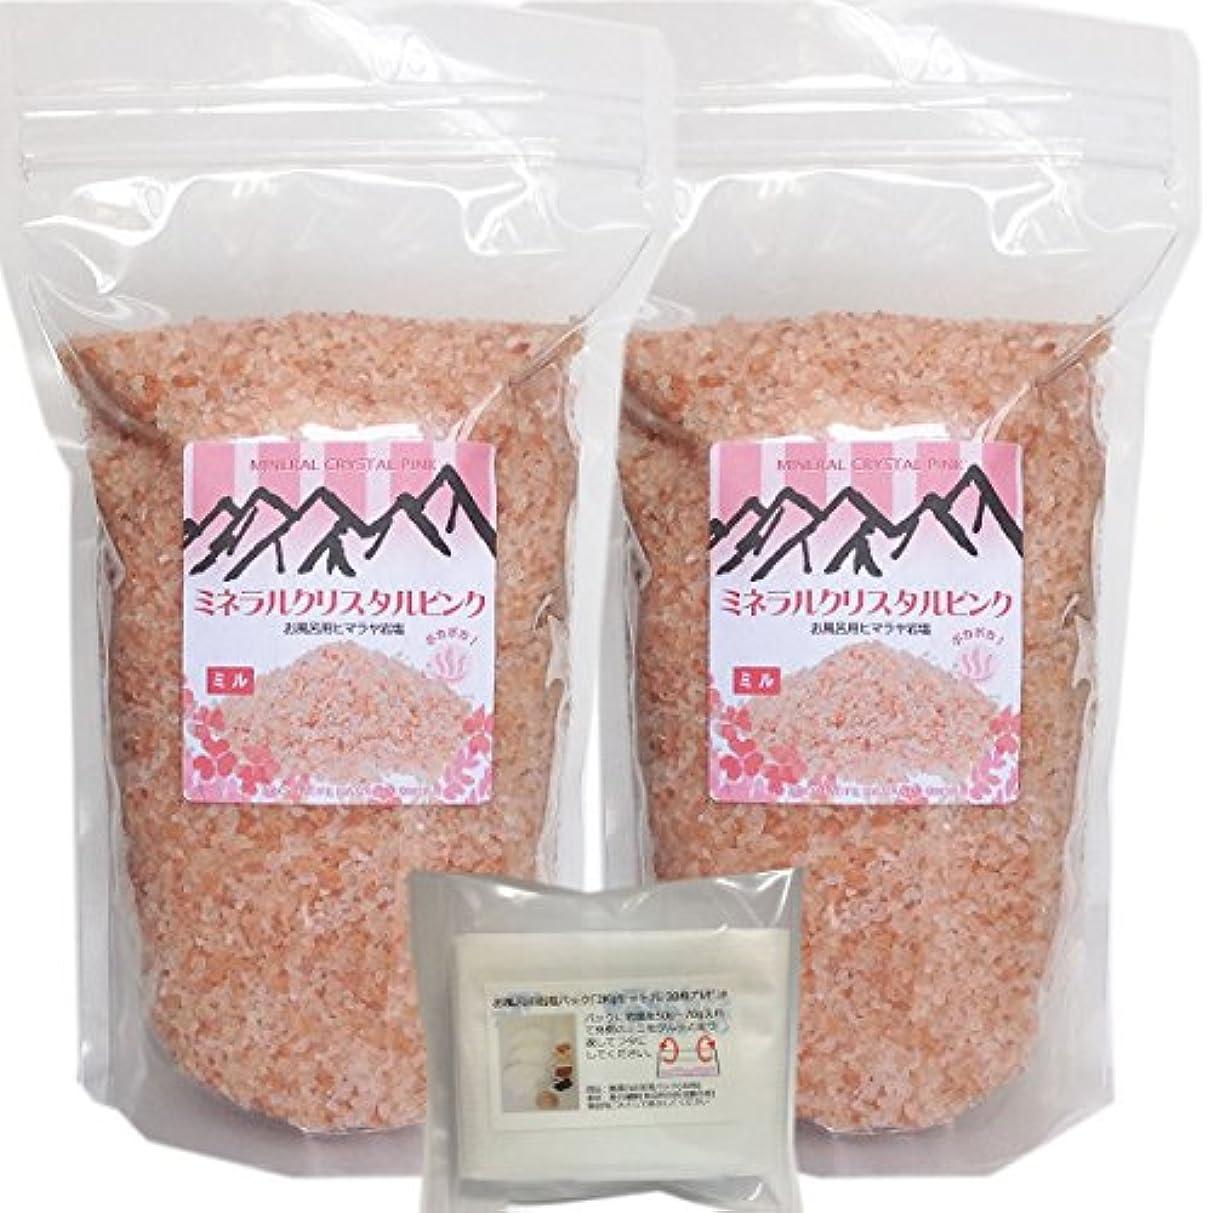 慢性的見積りオーロックヒマラヤ岩塩 ミネラルクリスタル ピンク [2Kgセット]